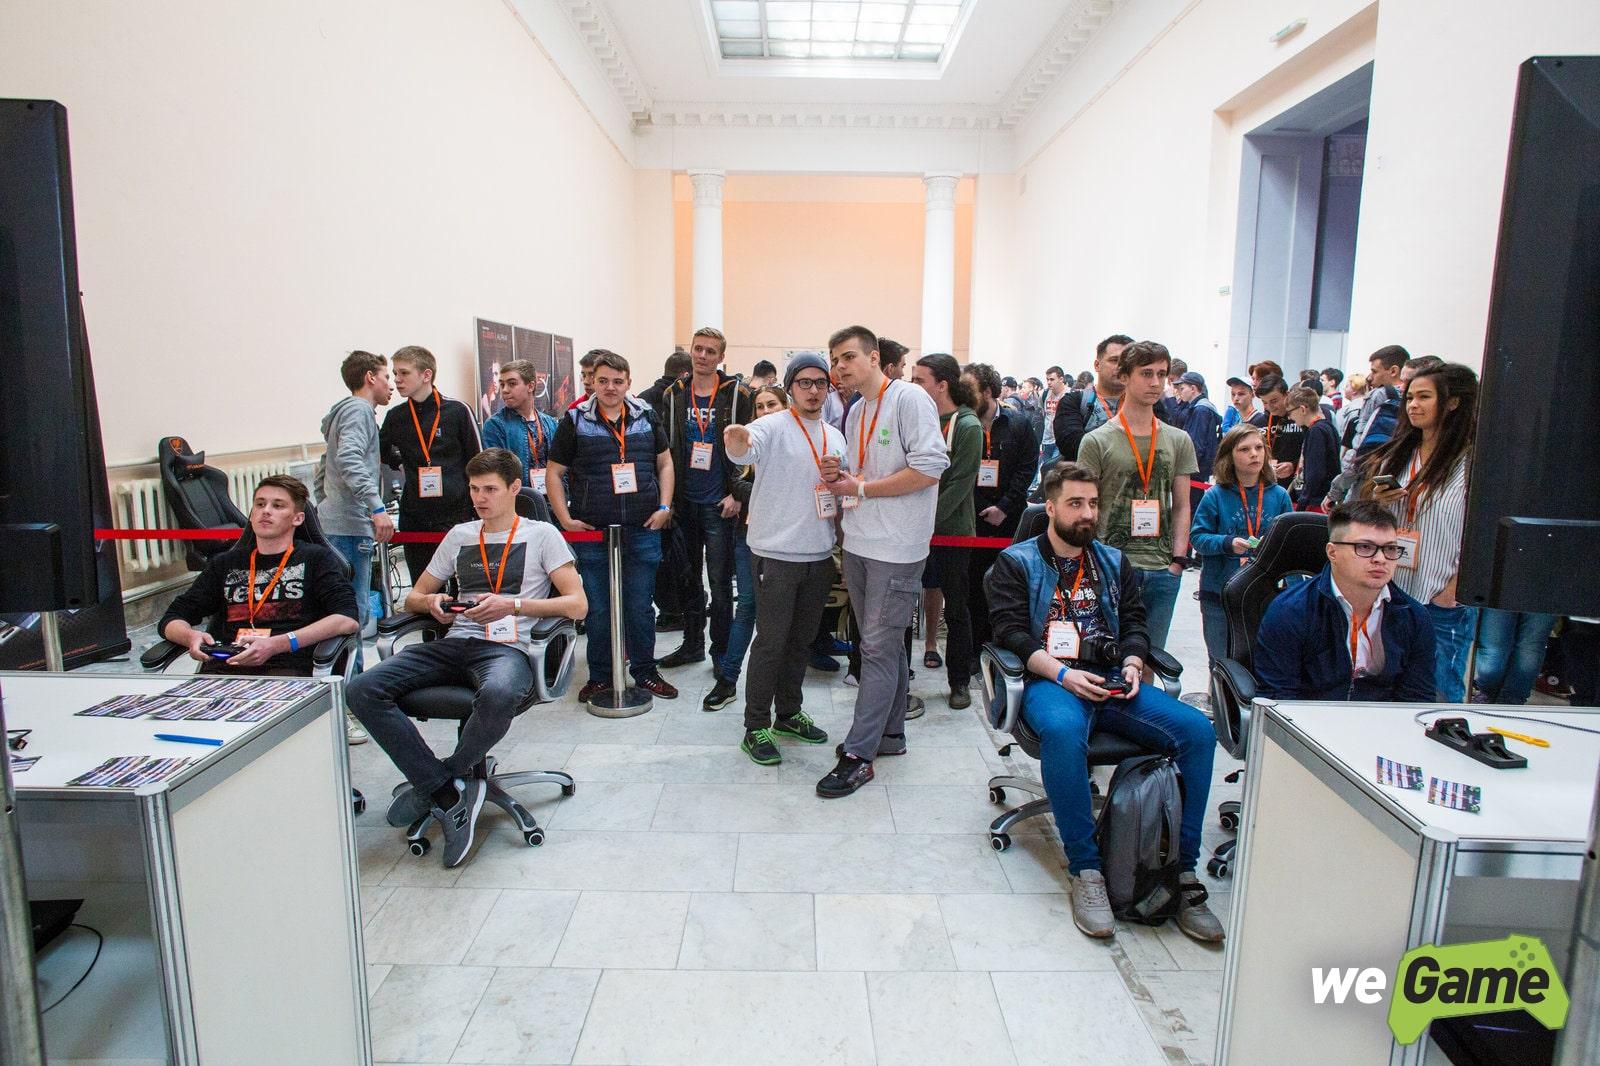 Фестиваль кіберспорту WeGame 5.0 в Києві 2019 | Турнір з кіберспорту в Україні - 1